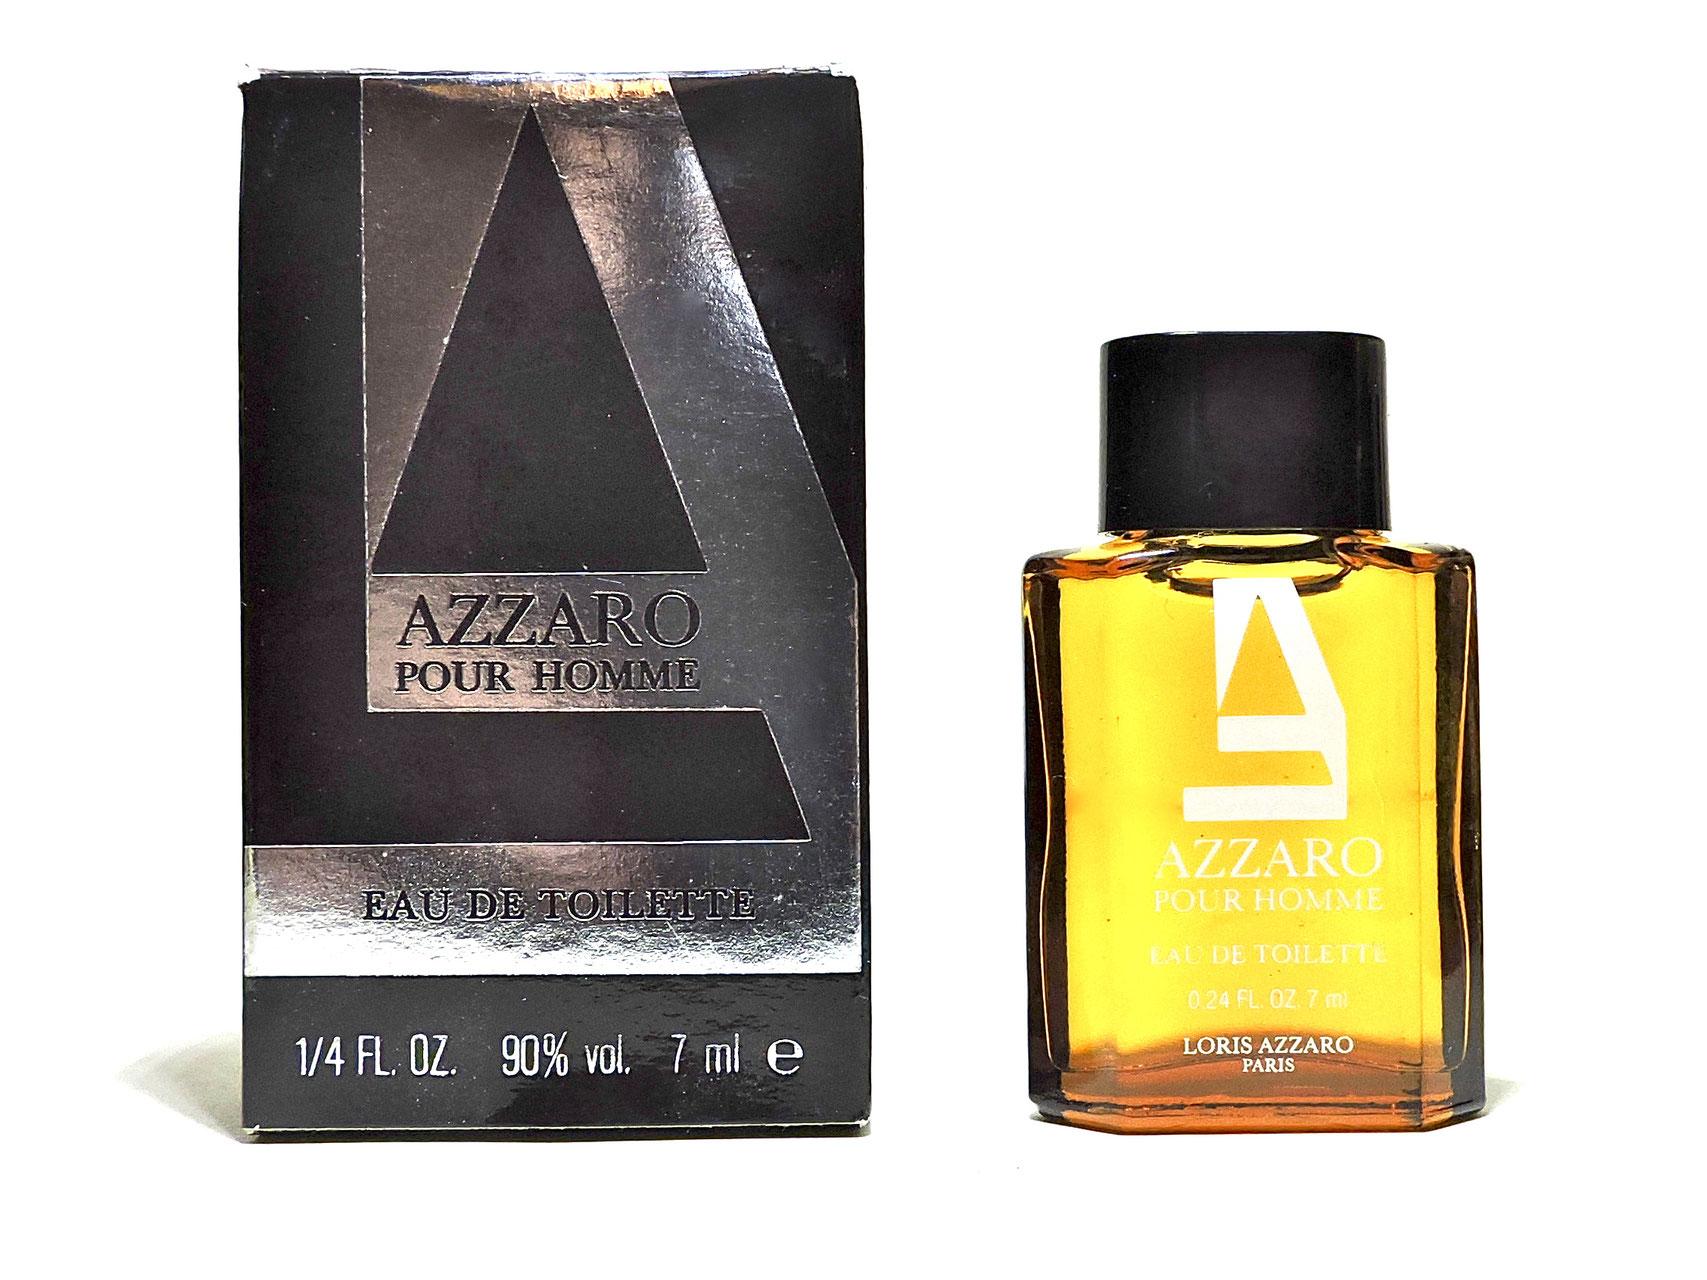 Azzaro Azz Miniatures De Parfum à Collectionner